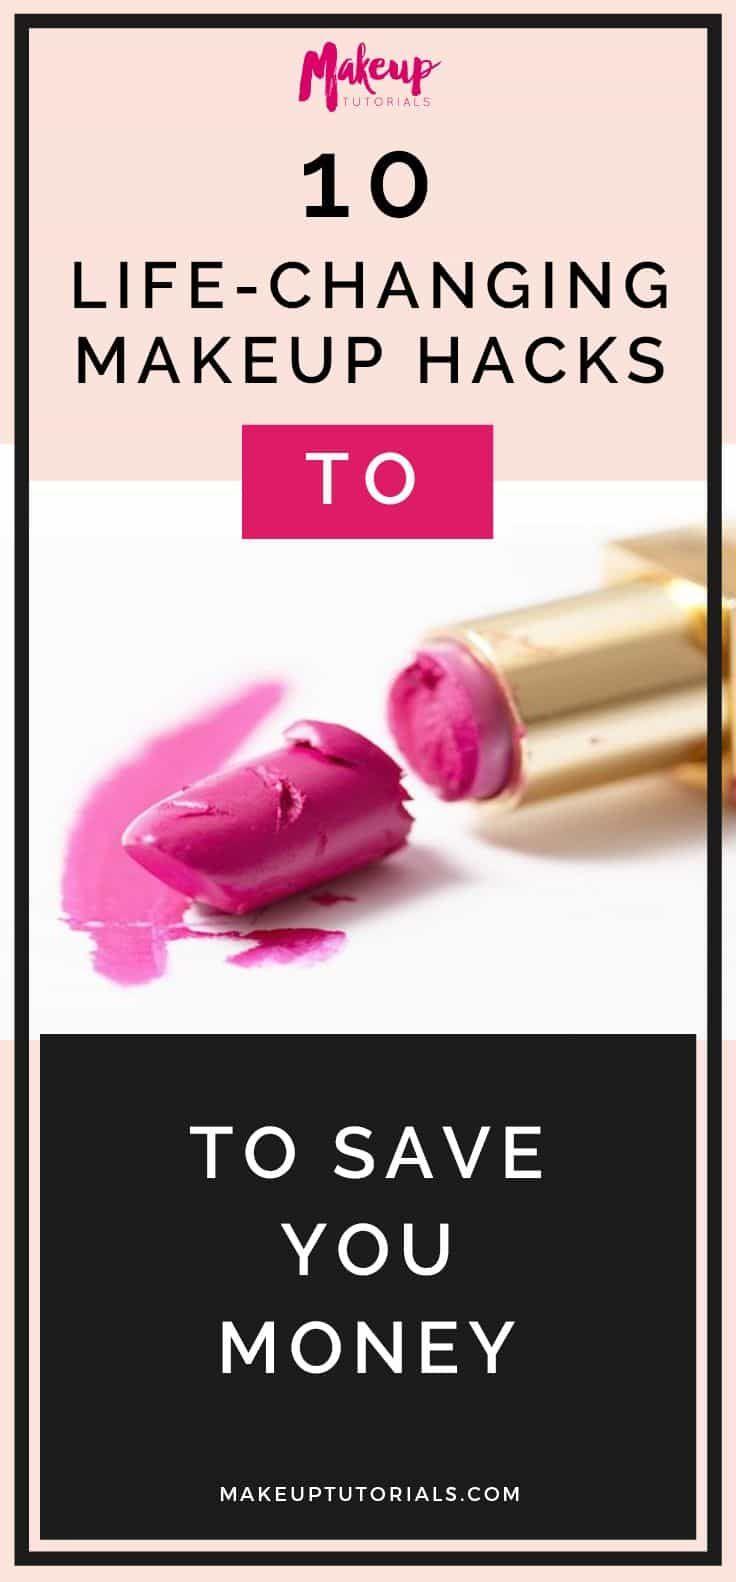 life-changing makeup hacks   10 Life-Changing Makeup Hacks To Save You Money